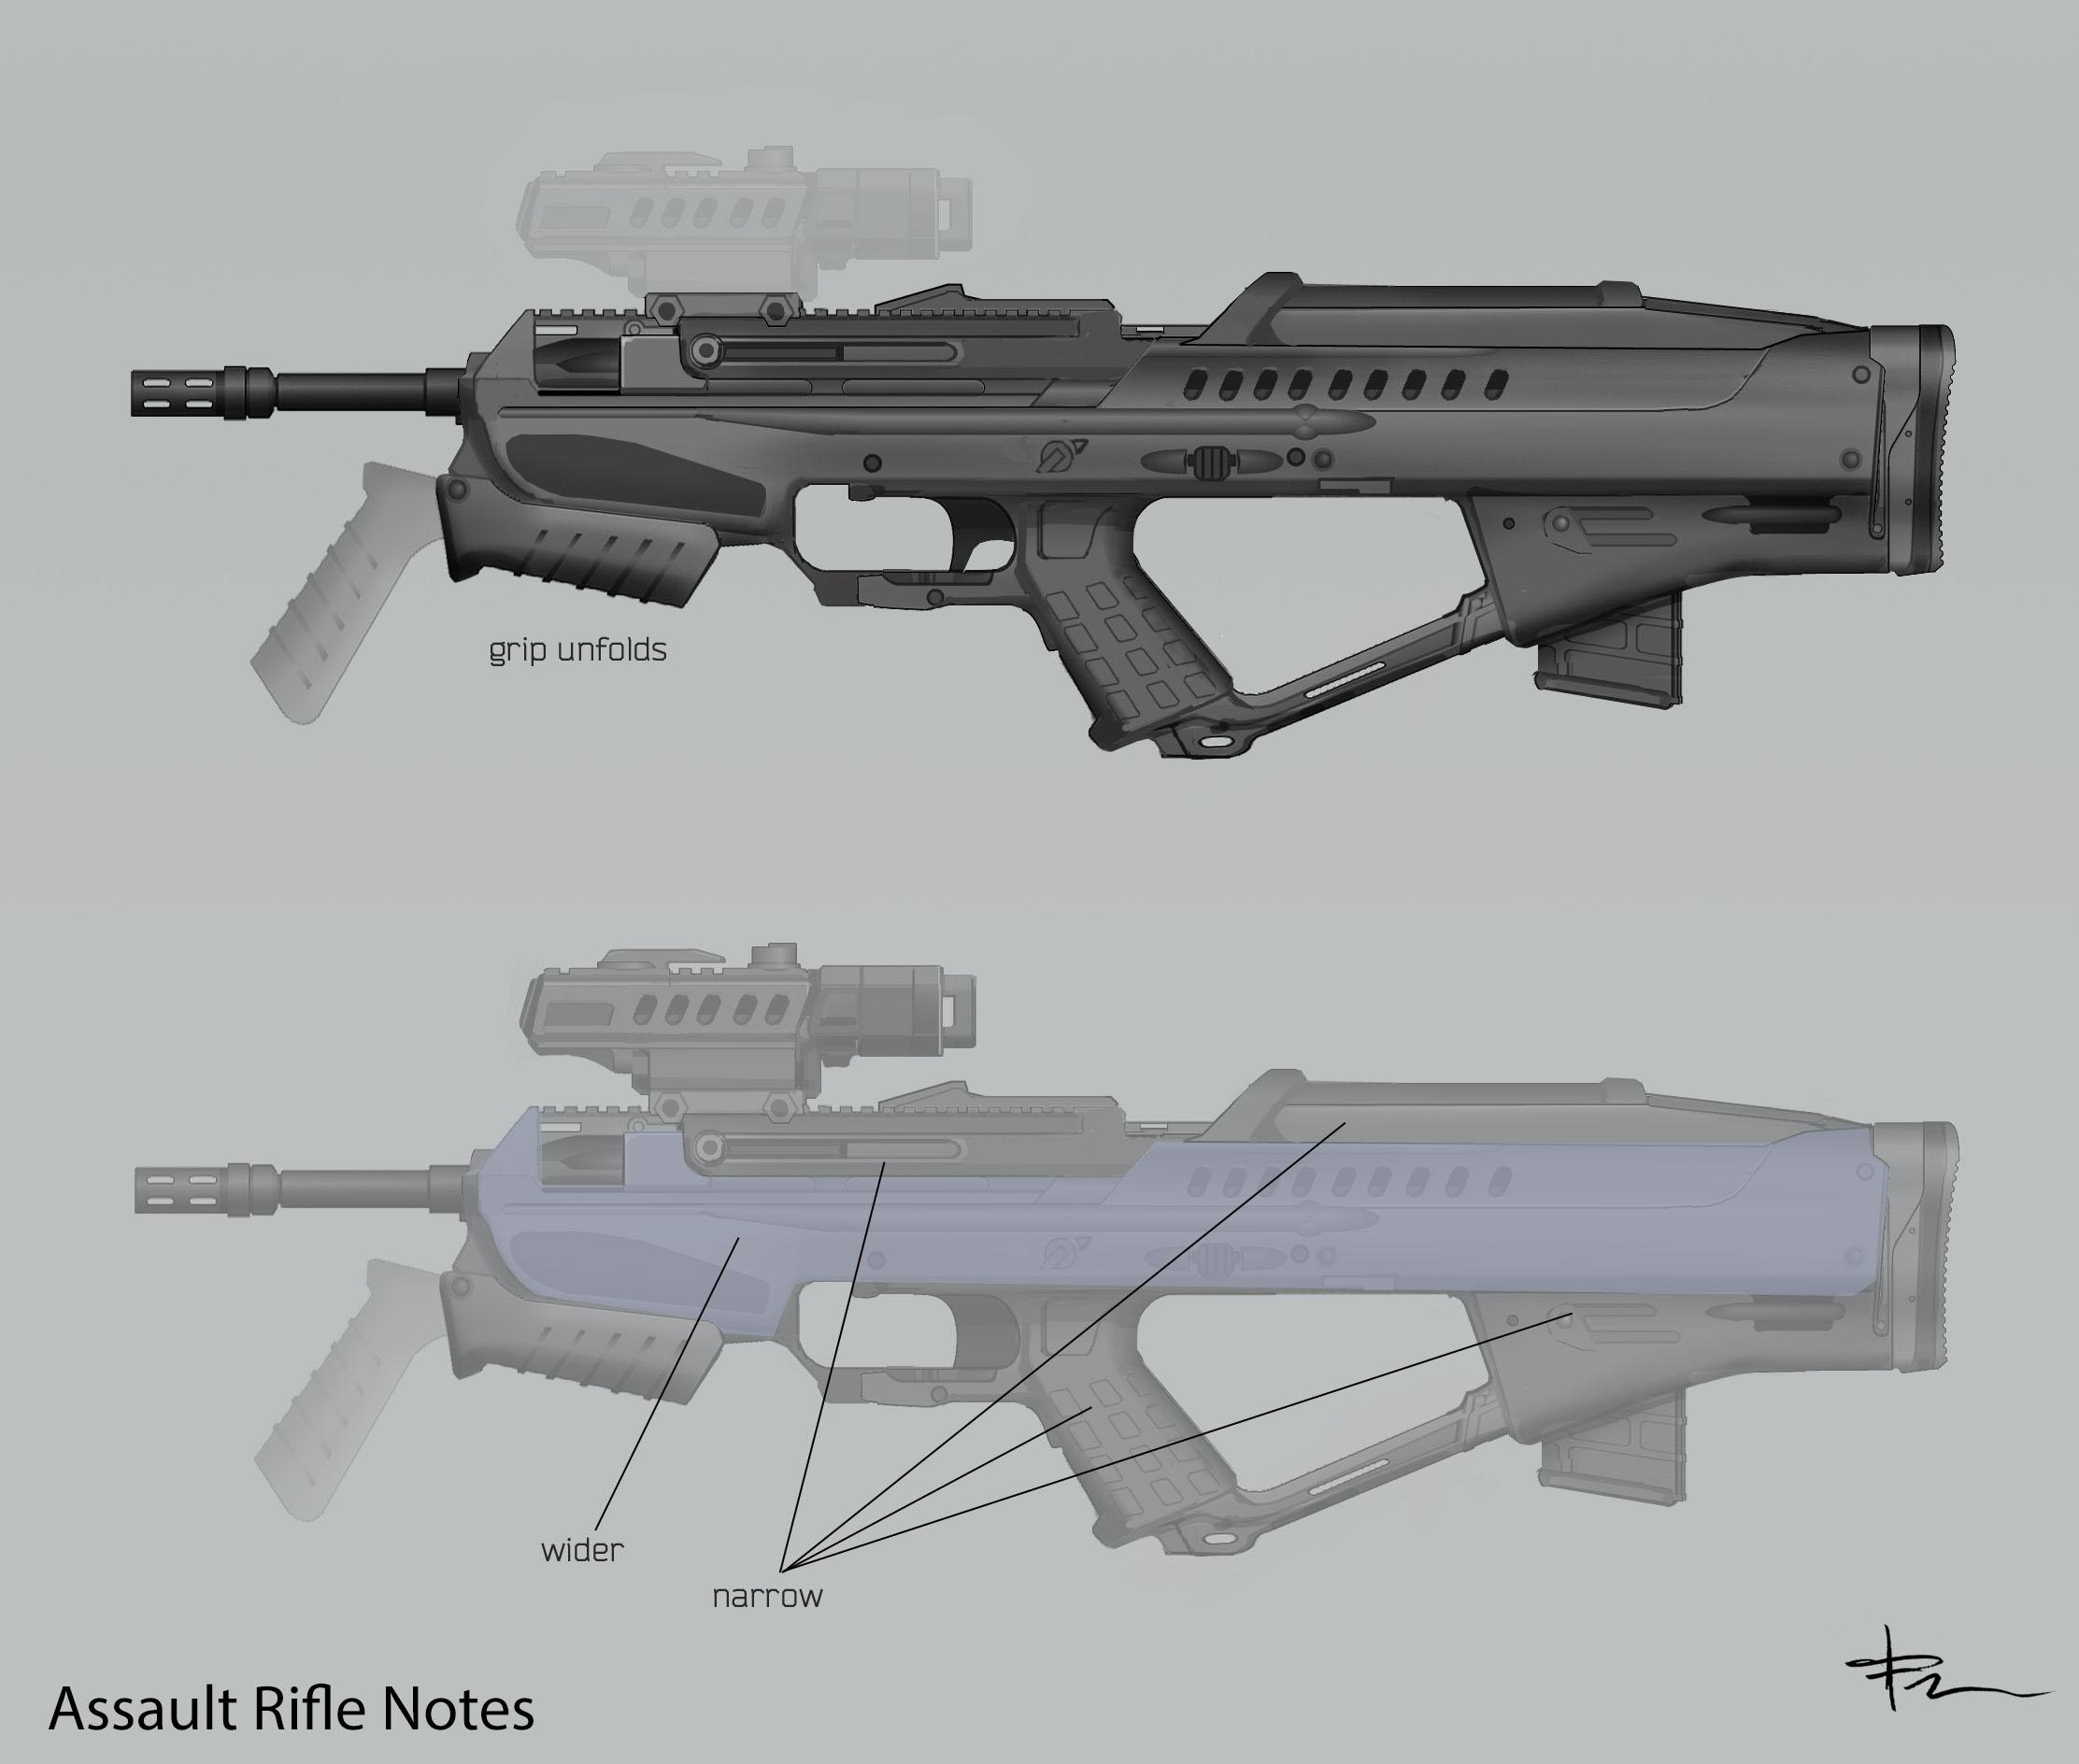 TJFRame-Art_Evolve_AssaultRifleNotes.jpg